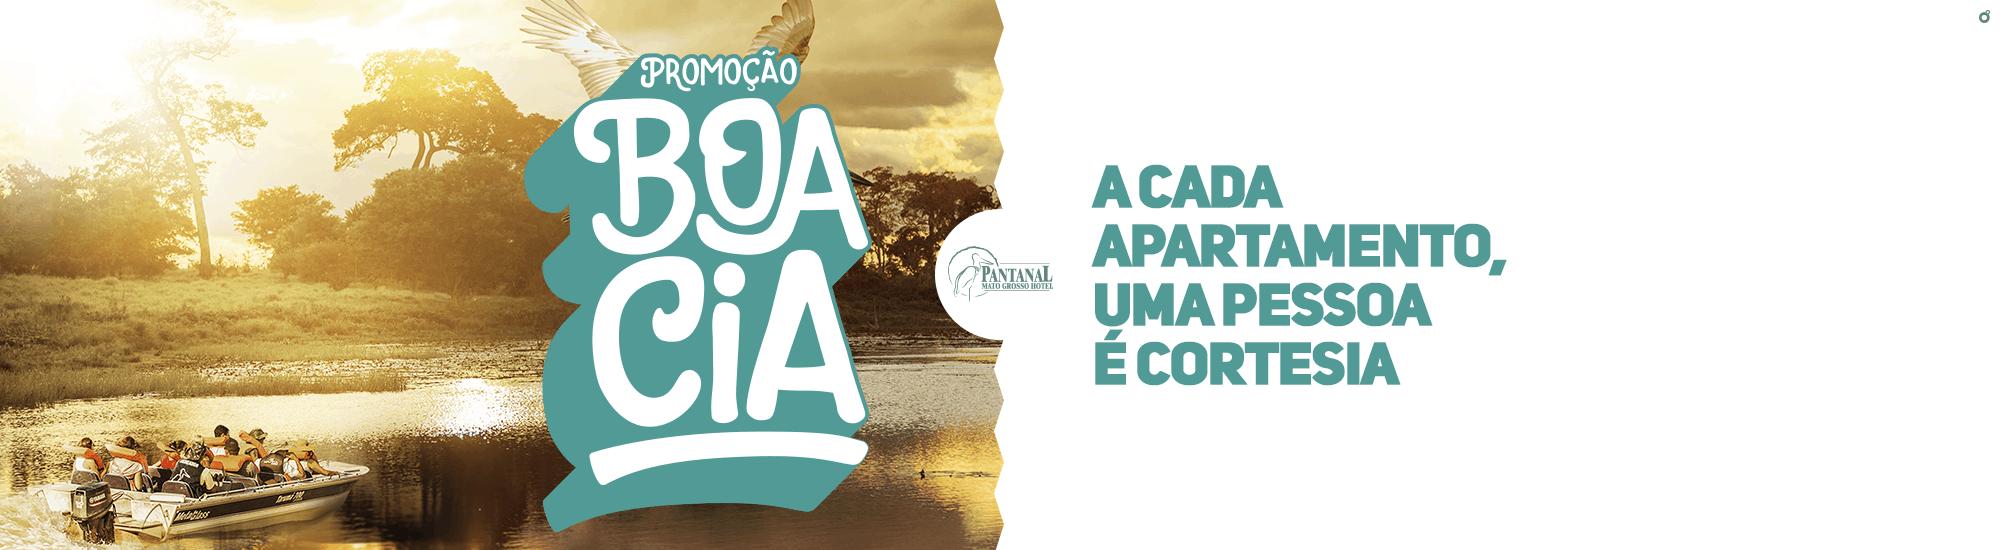 Promoção Boa Cia Pantanal Mato Grosso Hotel